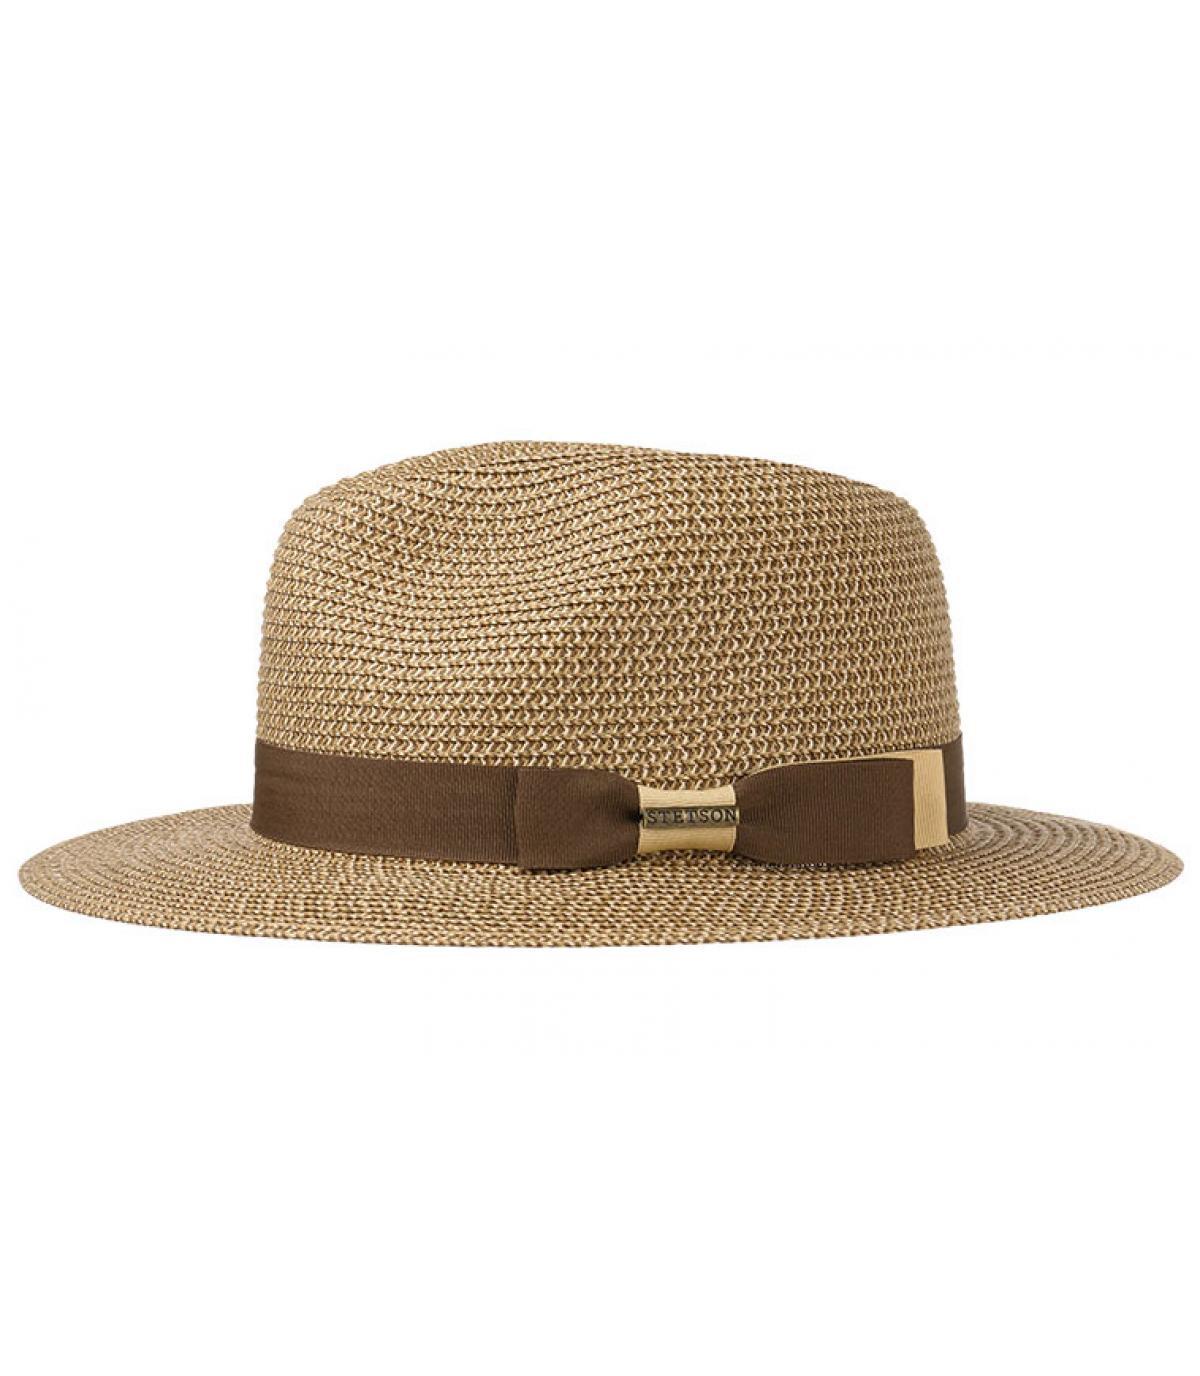 Détails Traveller toyo braid brown beige - image 2